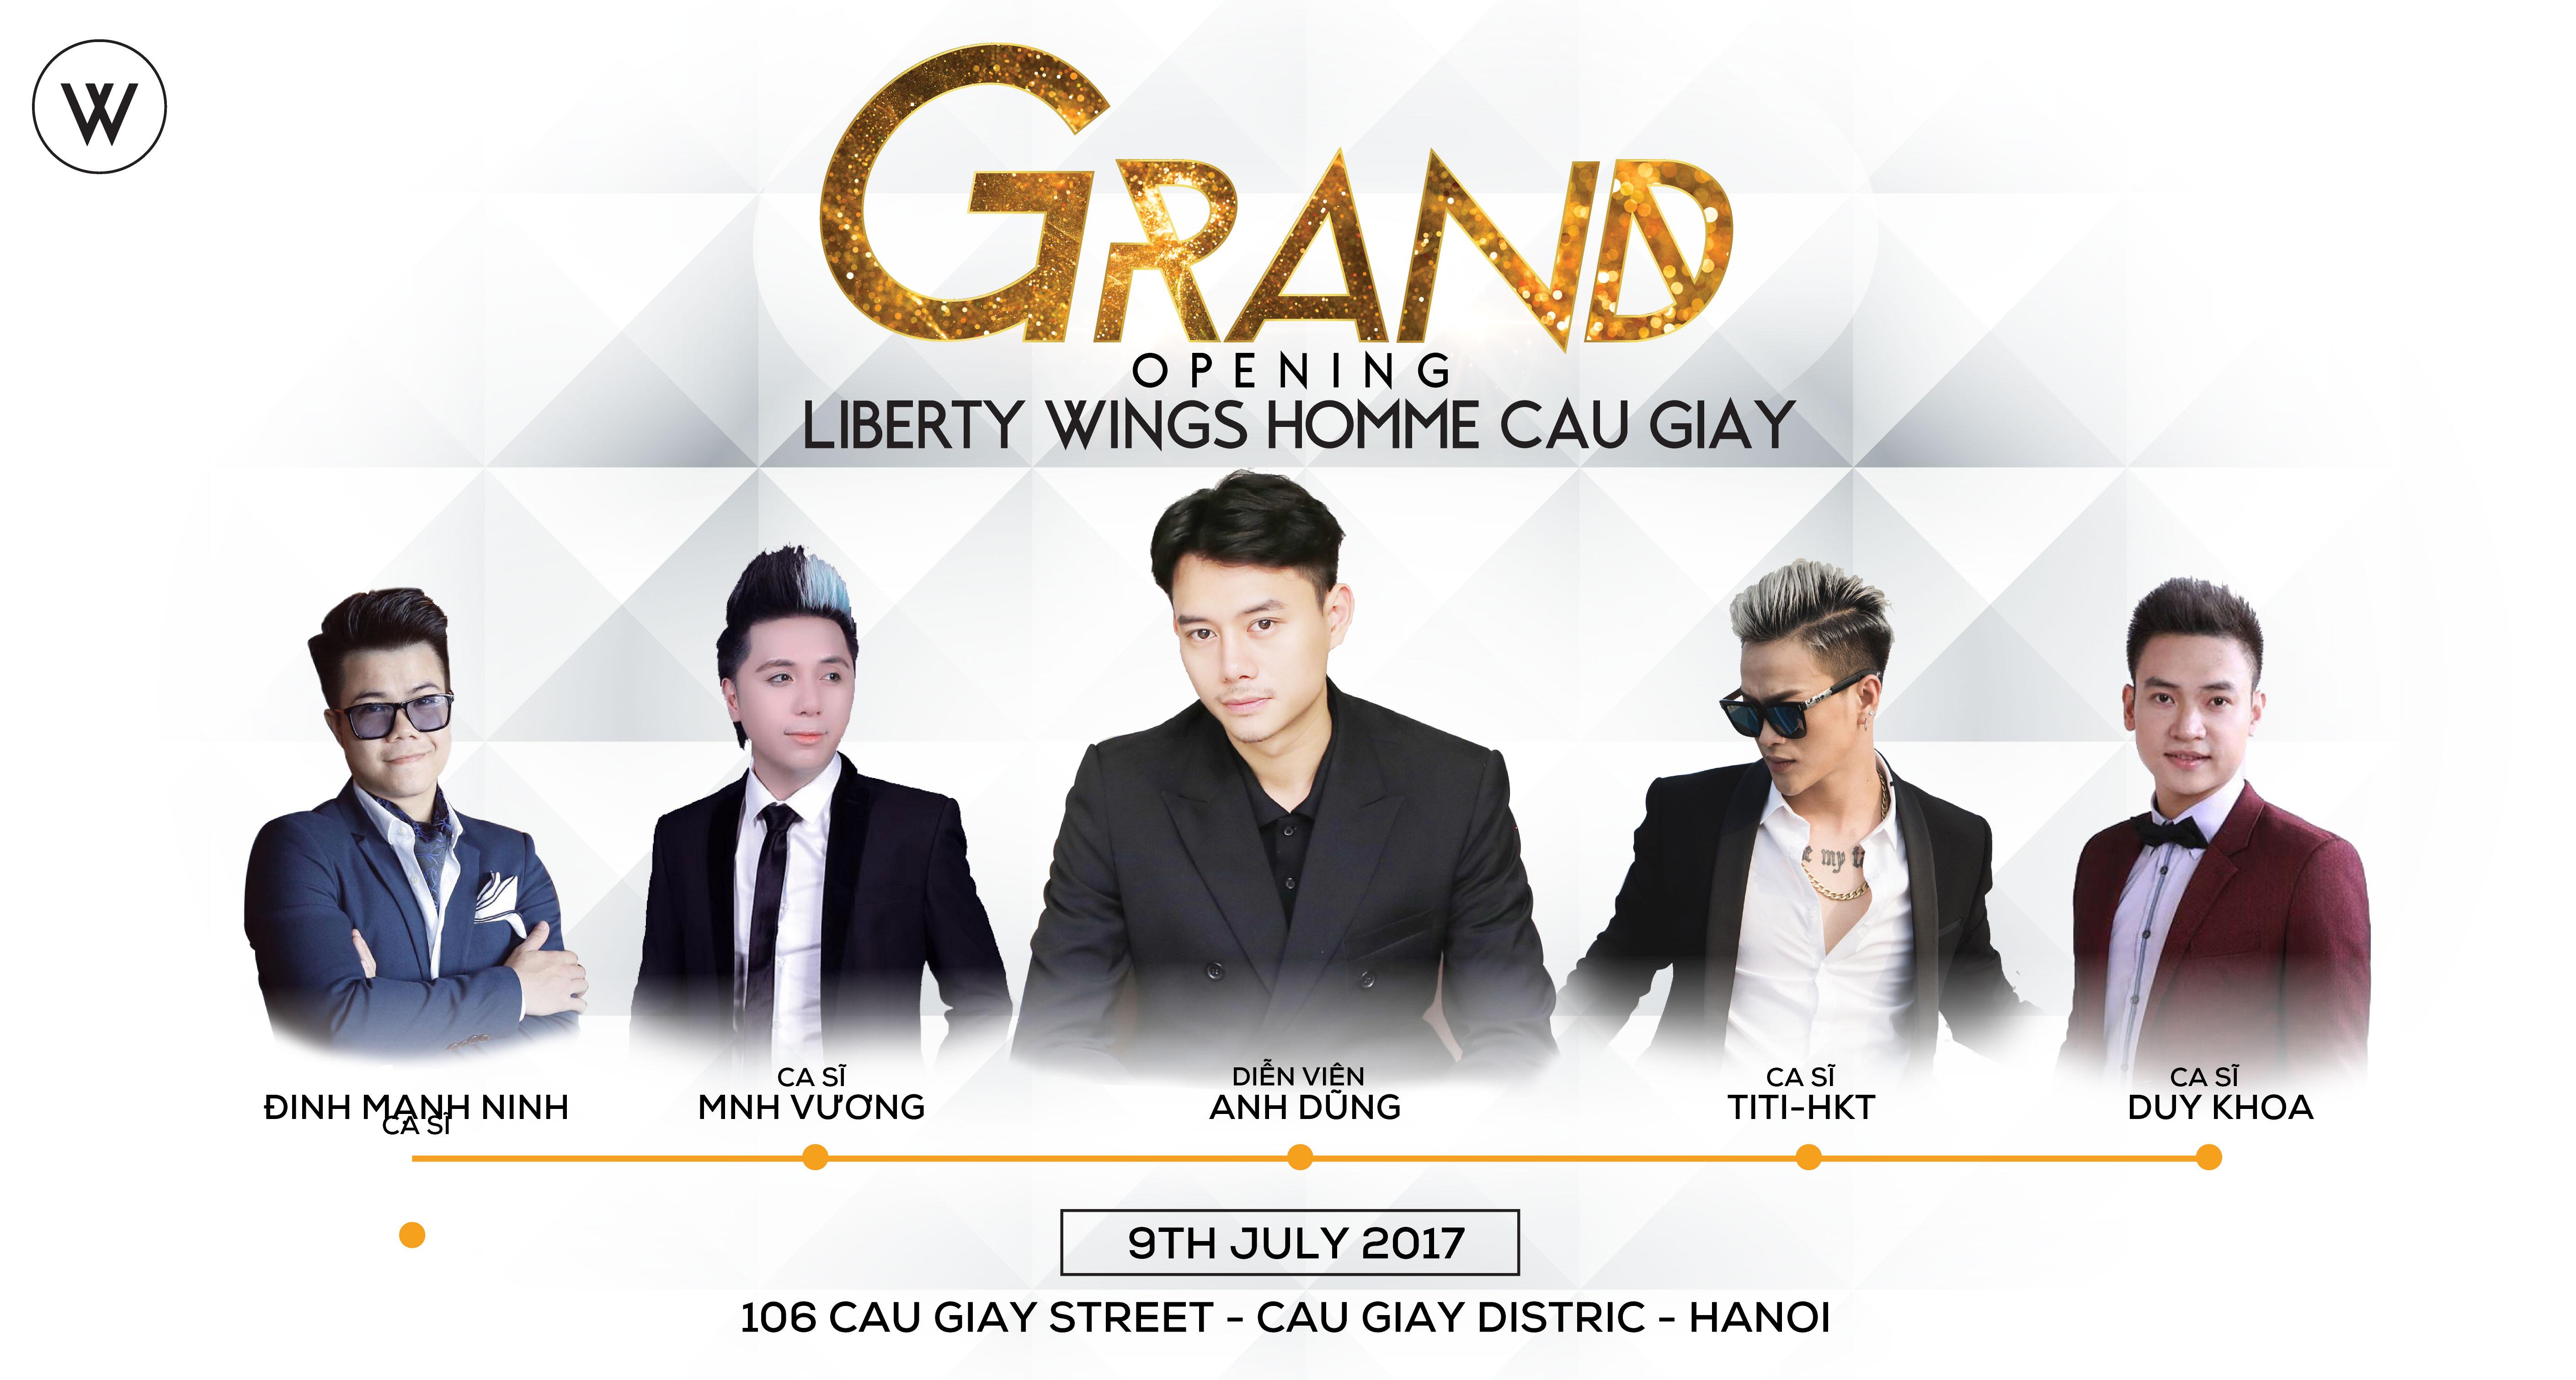 Khai trương showroom Liberty Wings Homme 106 Cầu Giấy Hà Nội